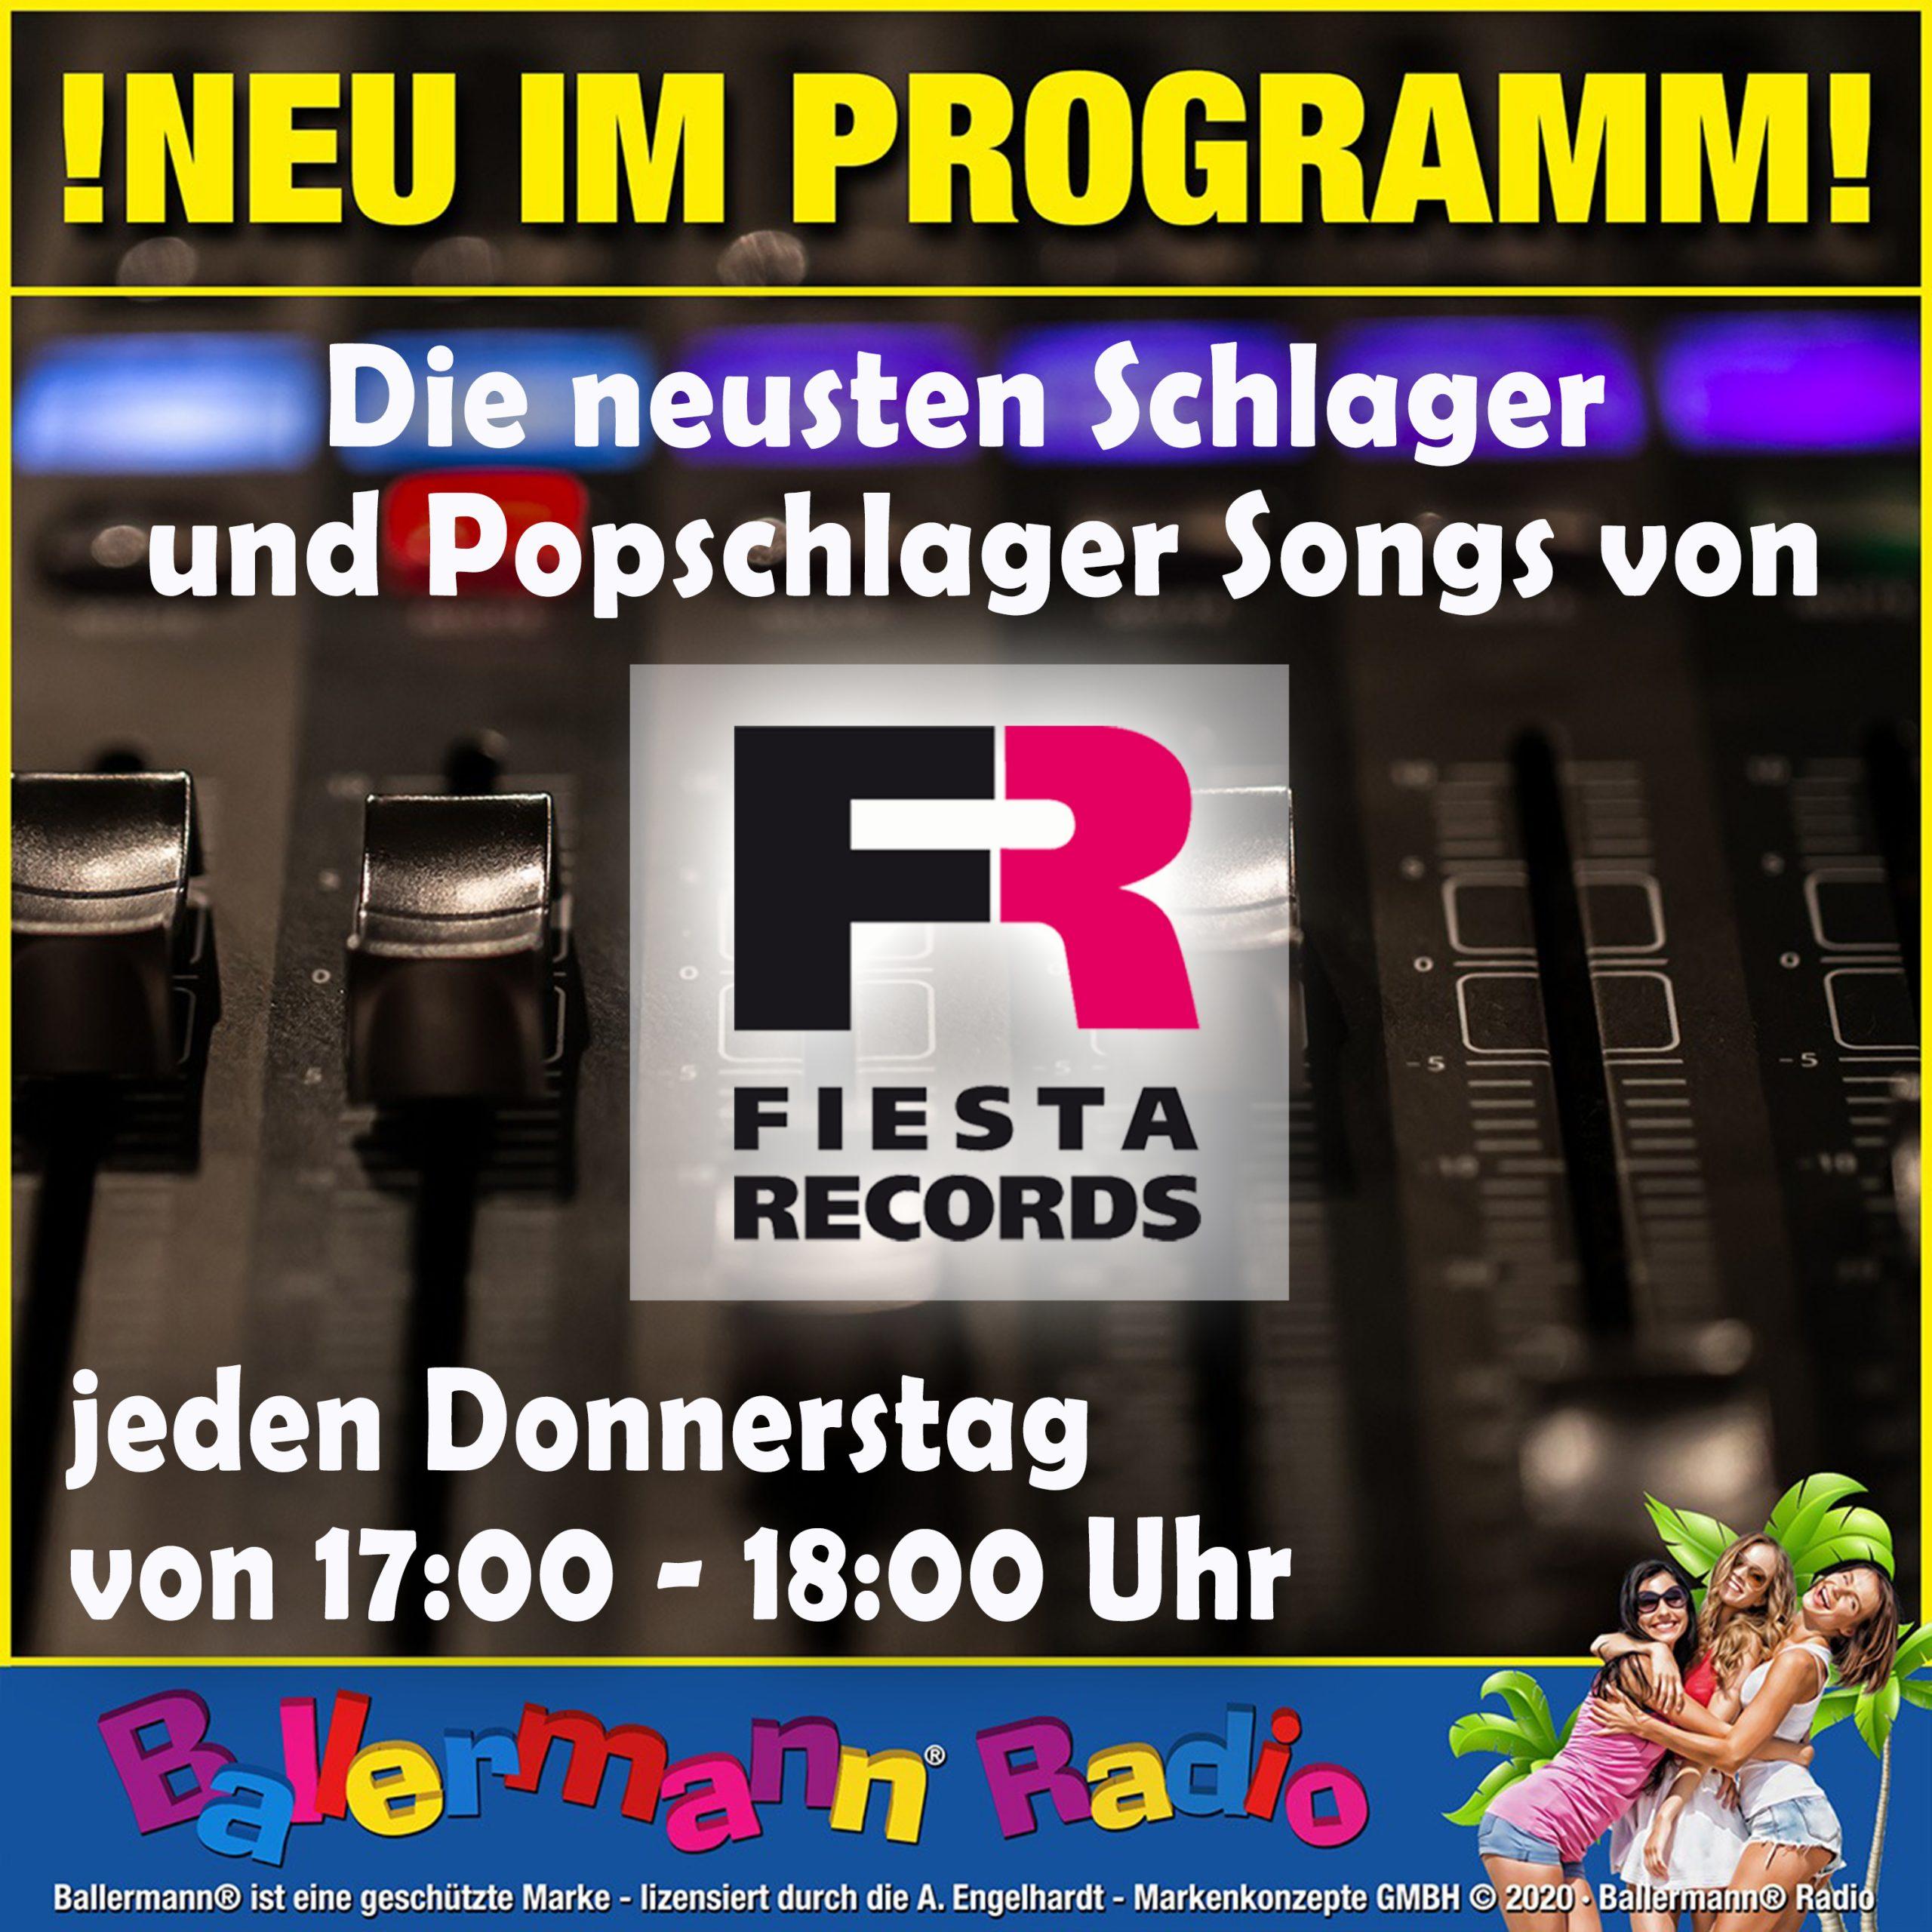 Ballermann Radio: Neue Labelstunde Mit Fiesta Records